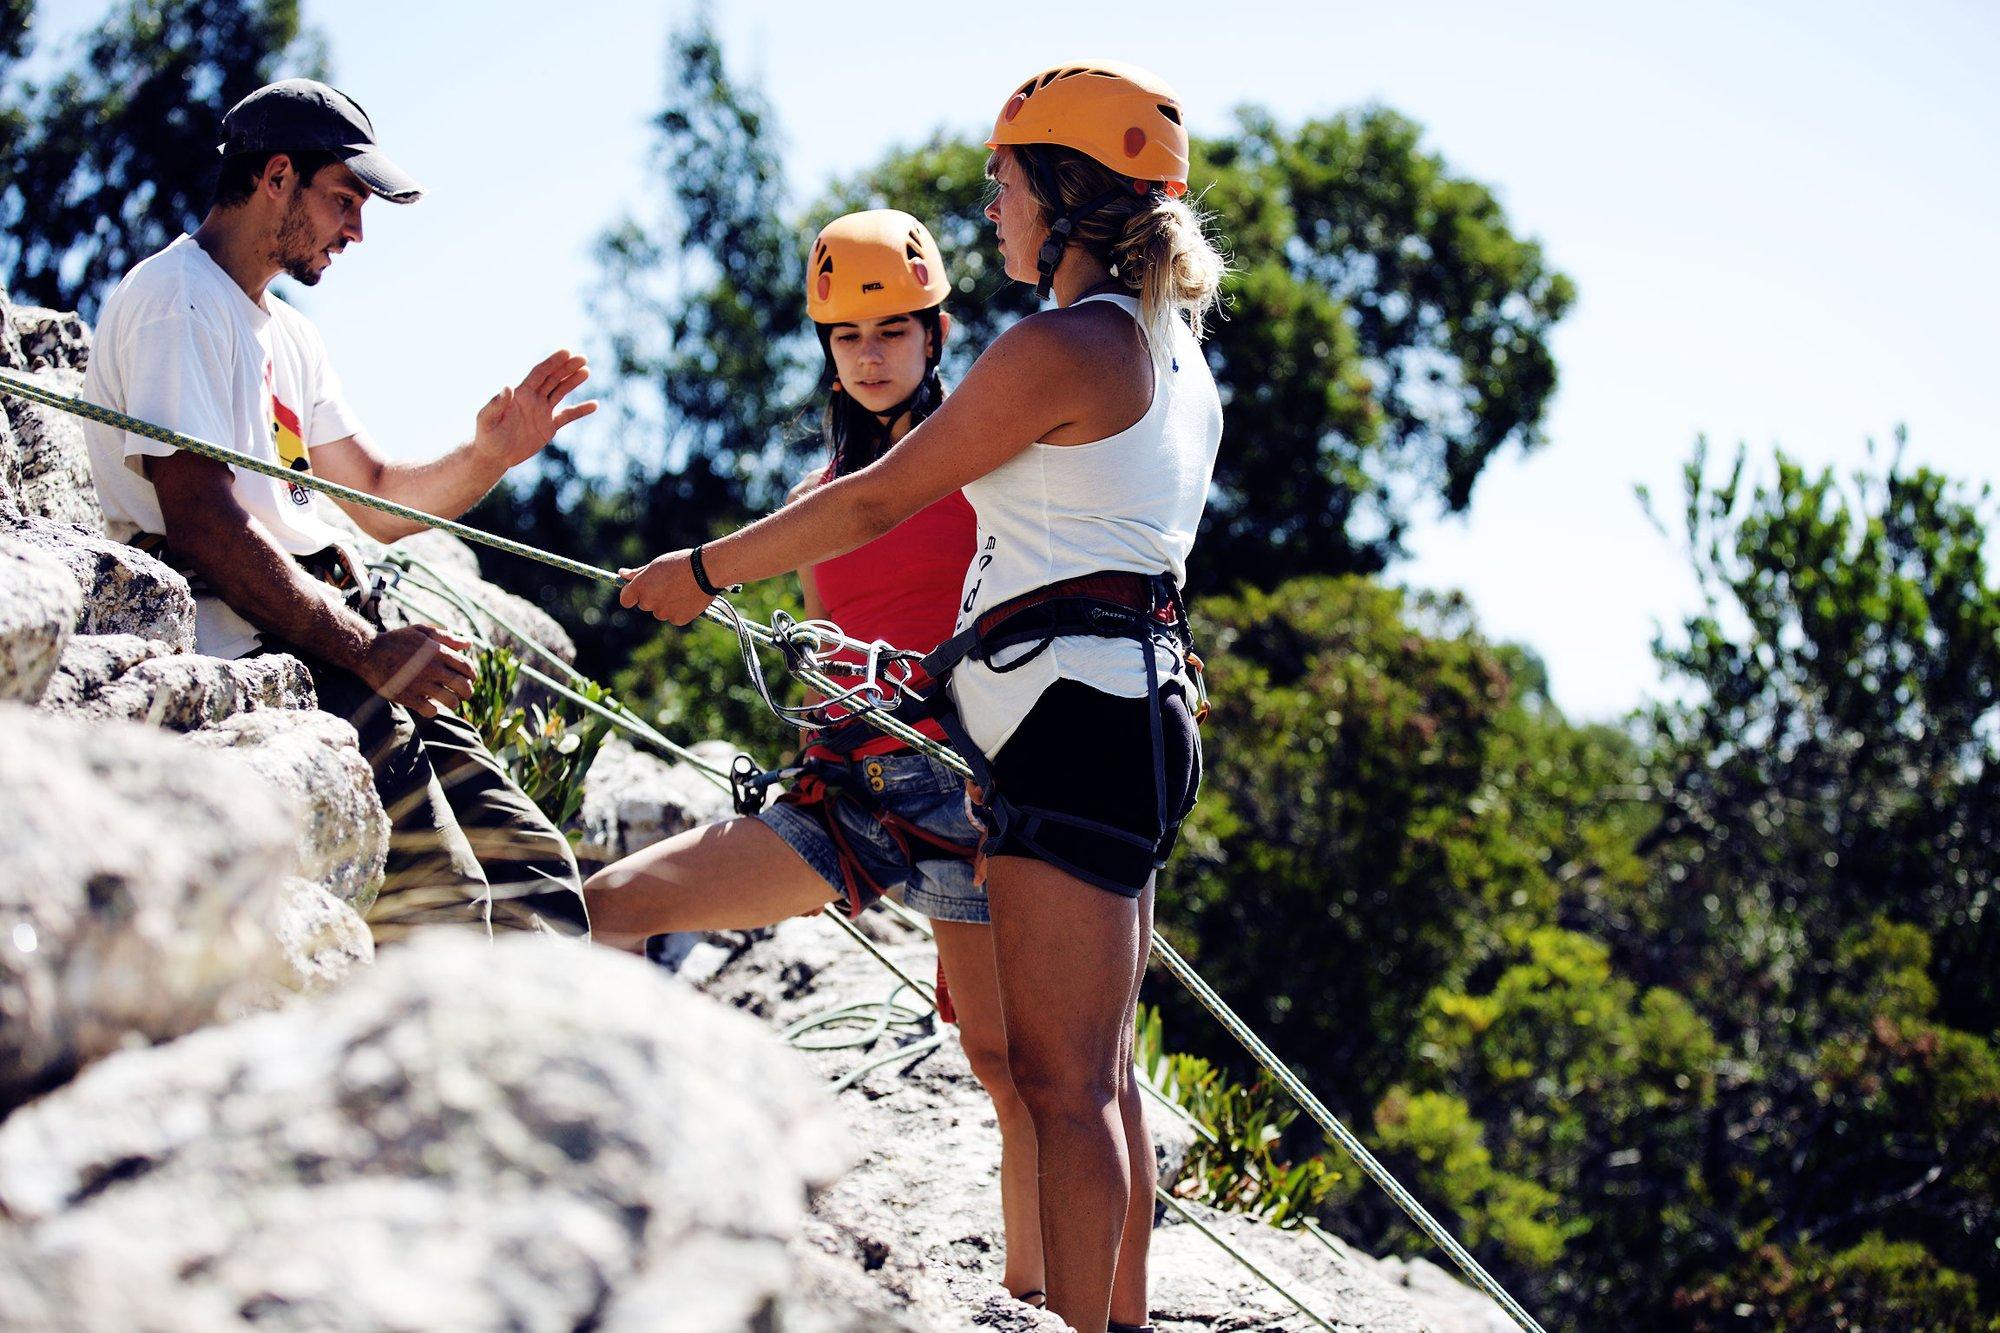 Ist es mal flat oder brauchst du Abwechslung vom Strandleben geht es in die Berge zum Klettern.